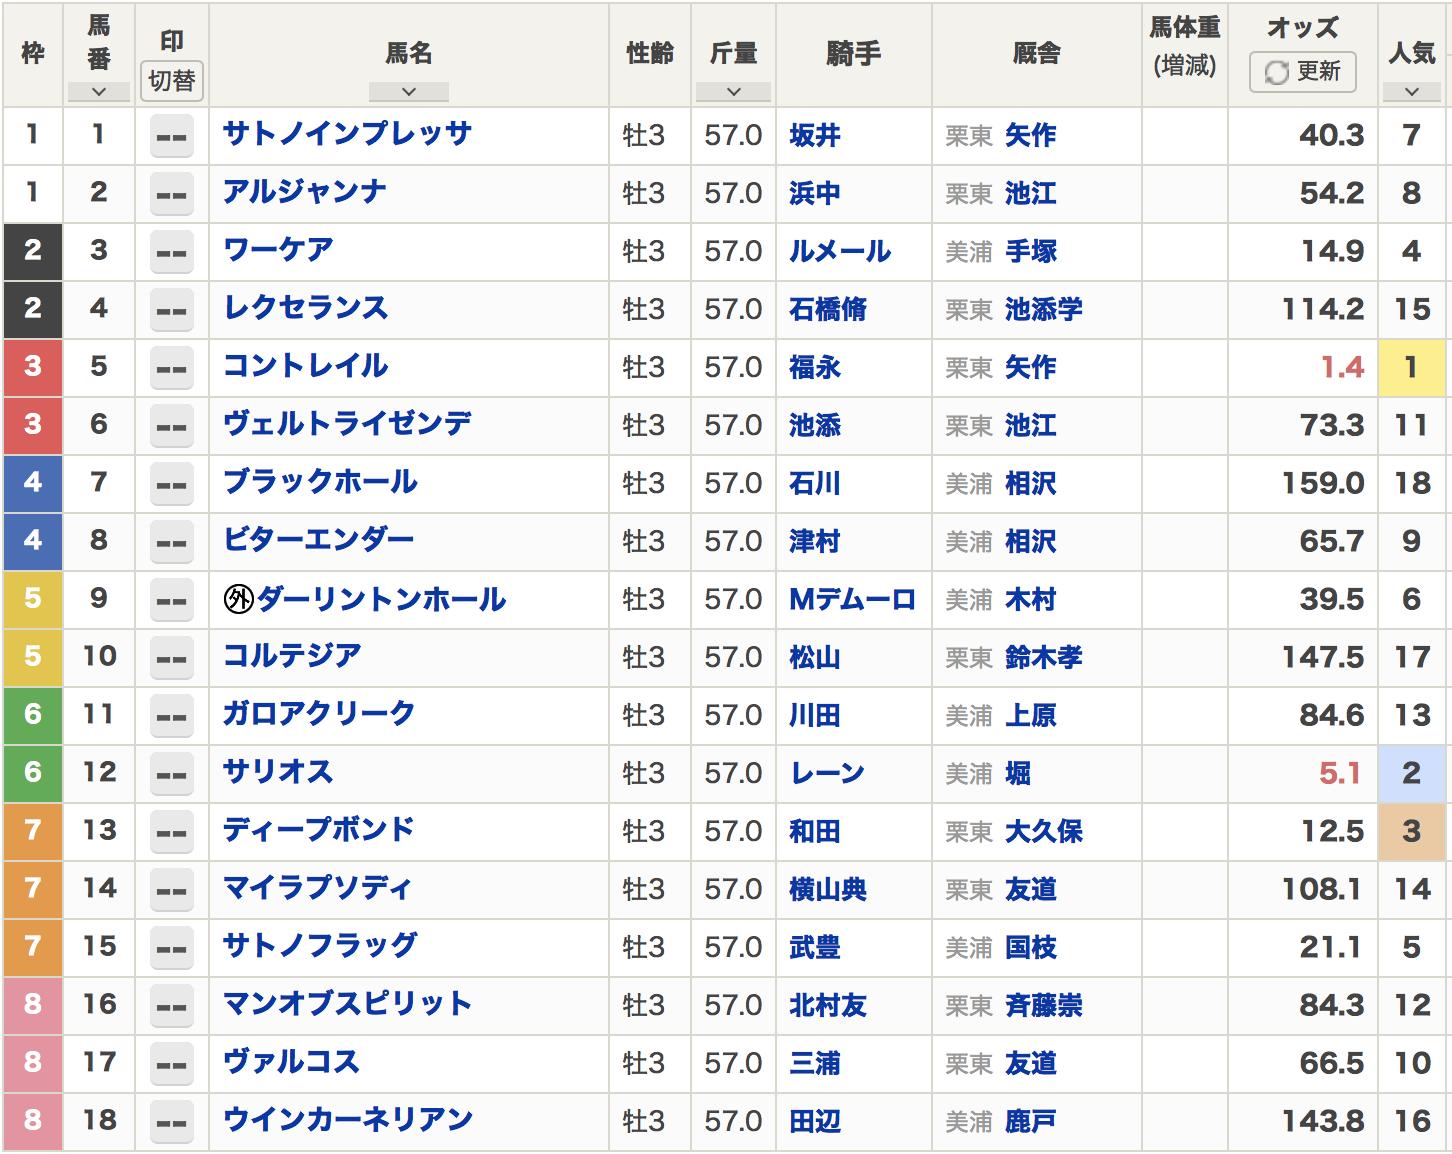 日本ダービー2020枠順